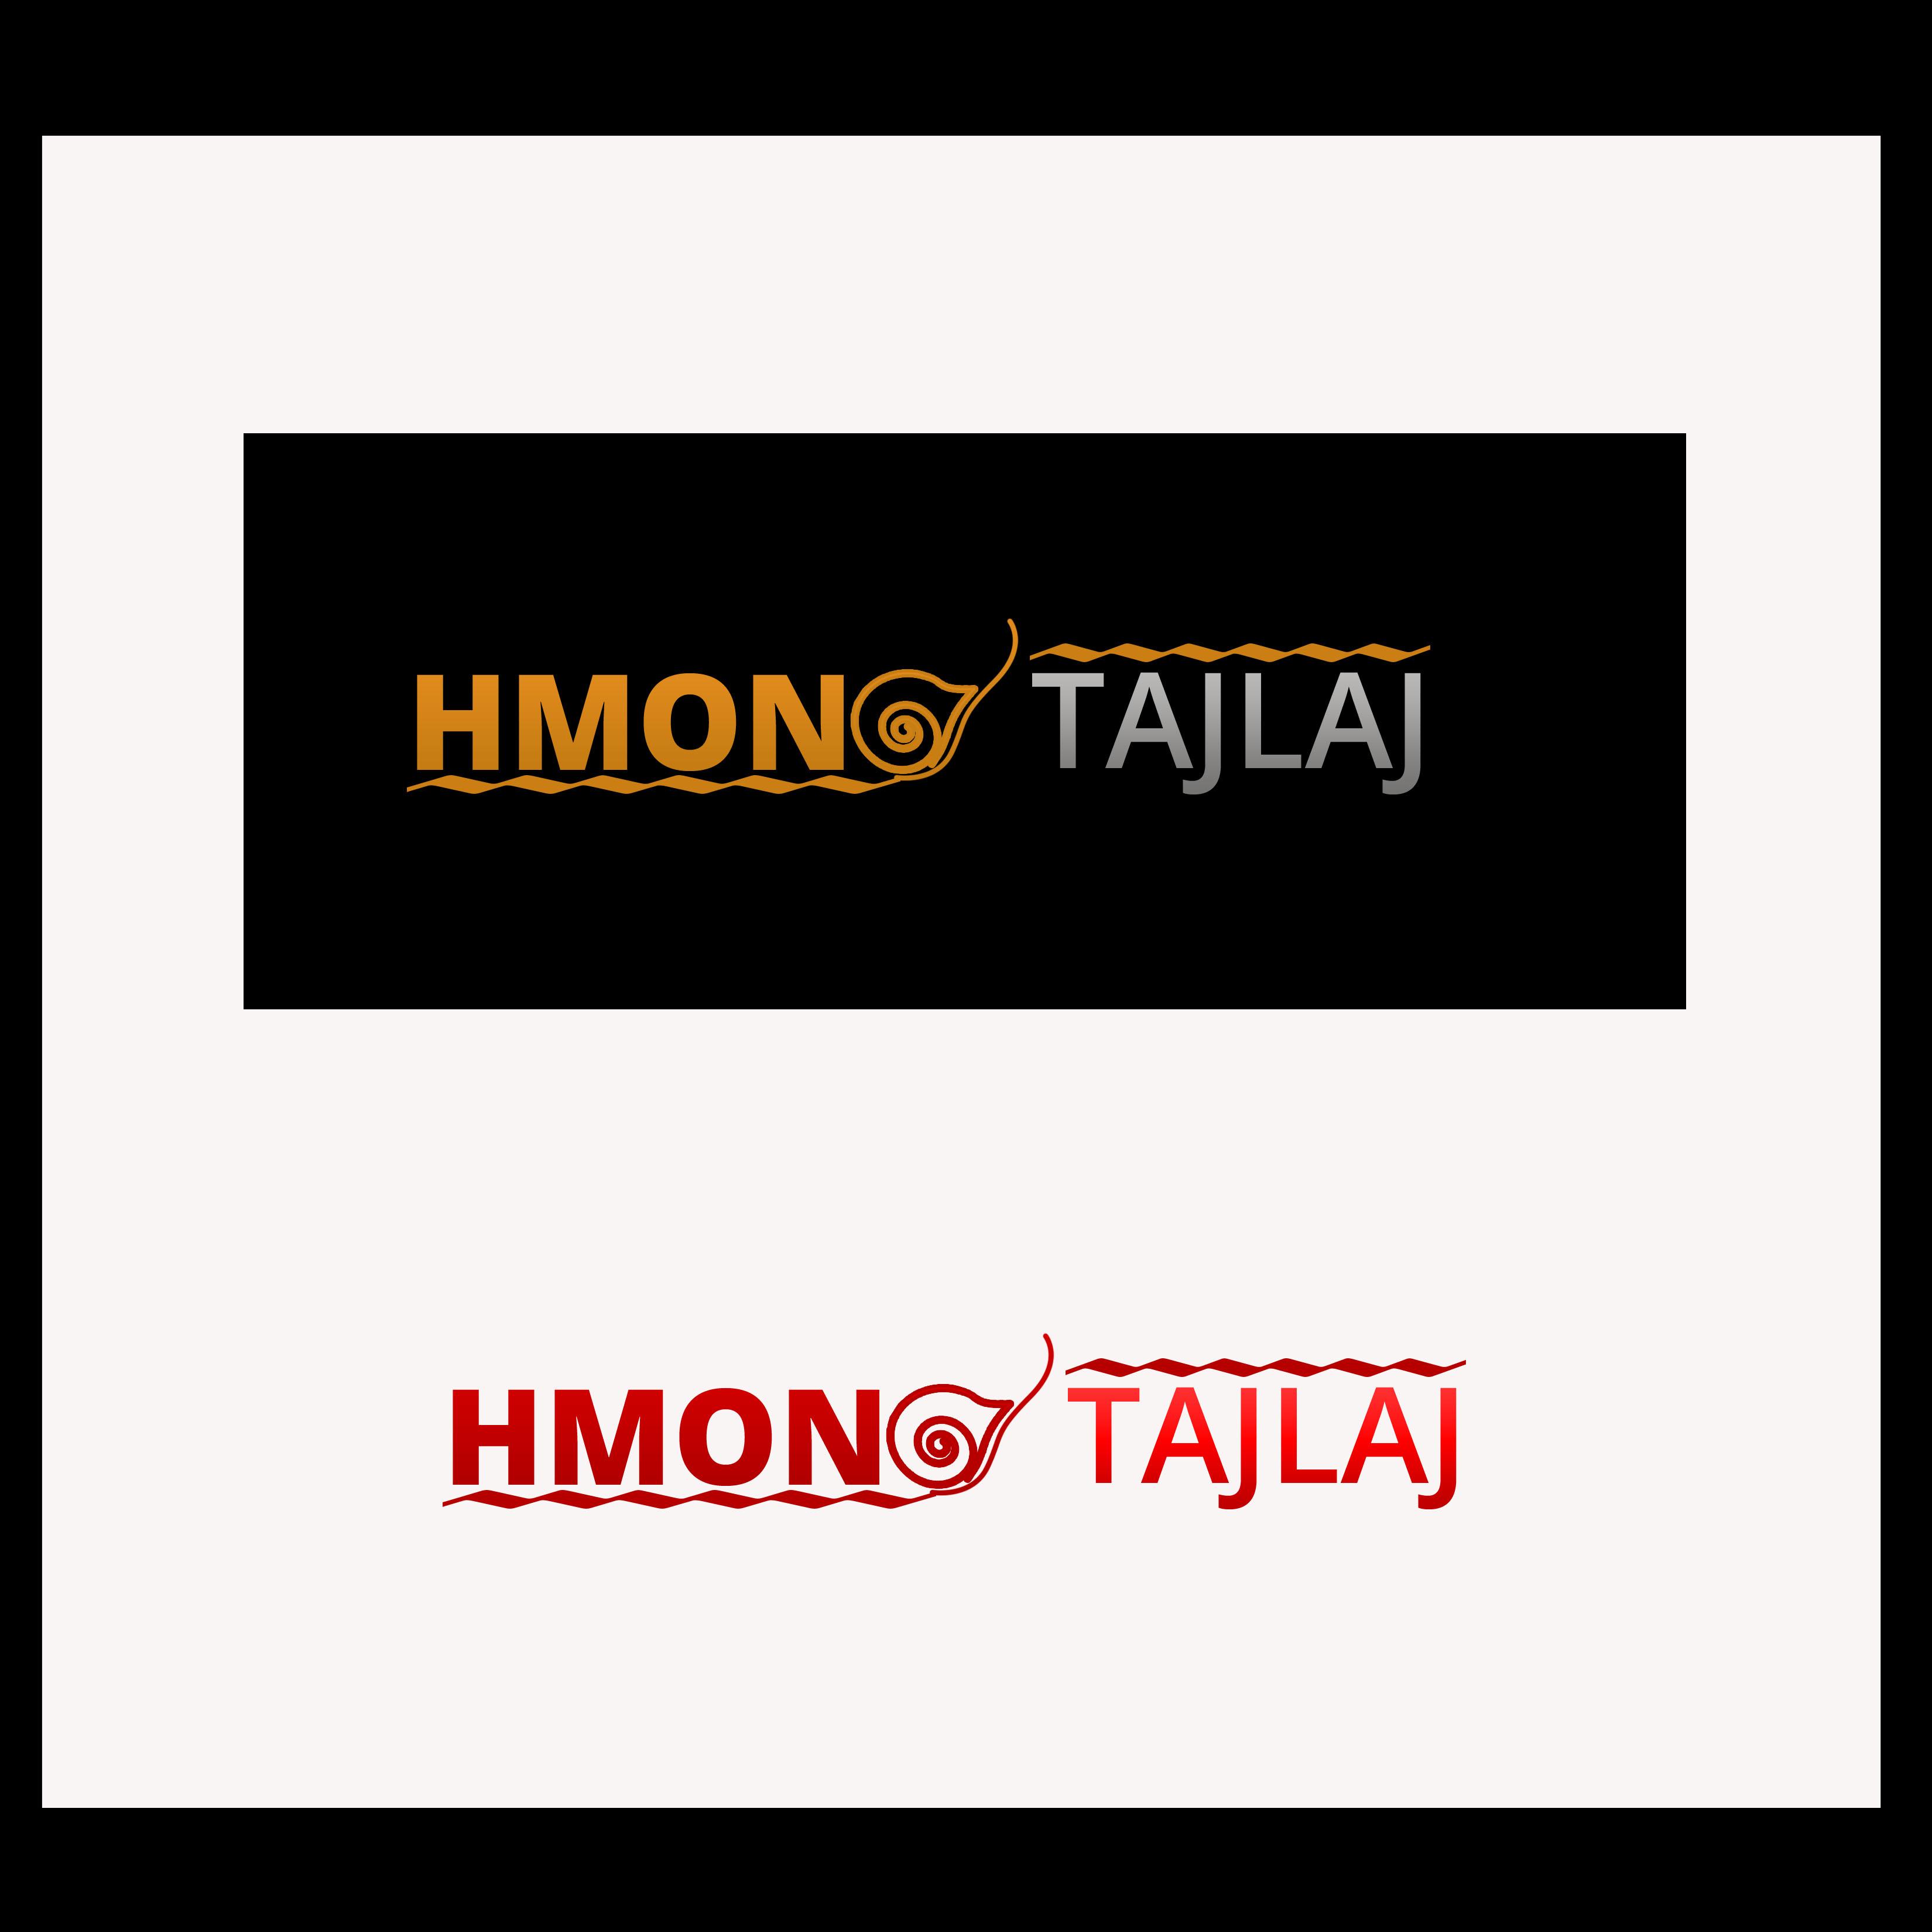 Logo Design by Allan Esclamado - Entry No. 22 in the Logo Design Contest Unique Logo Design Wanted for Hmong Tajlaj.